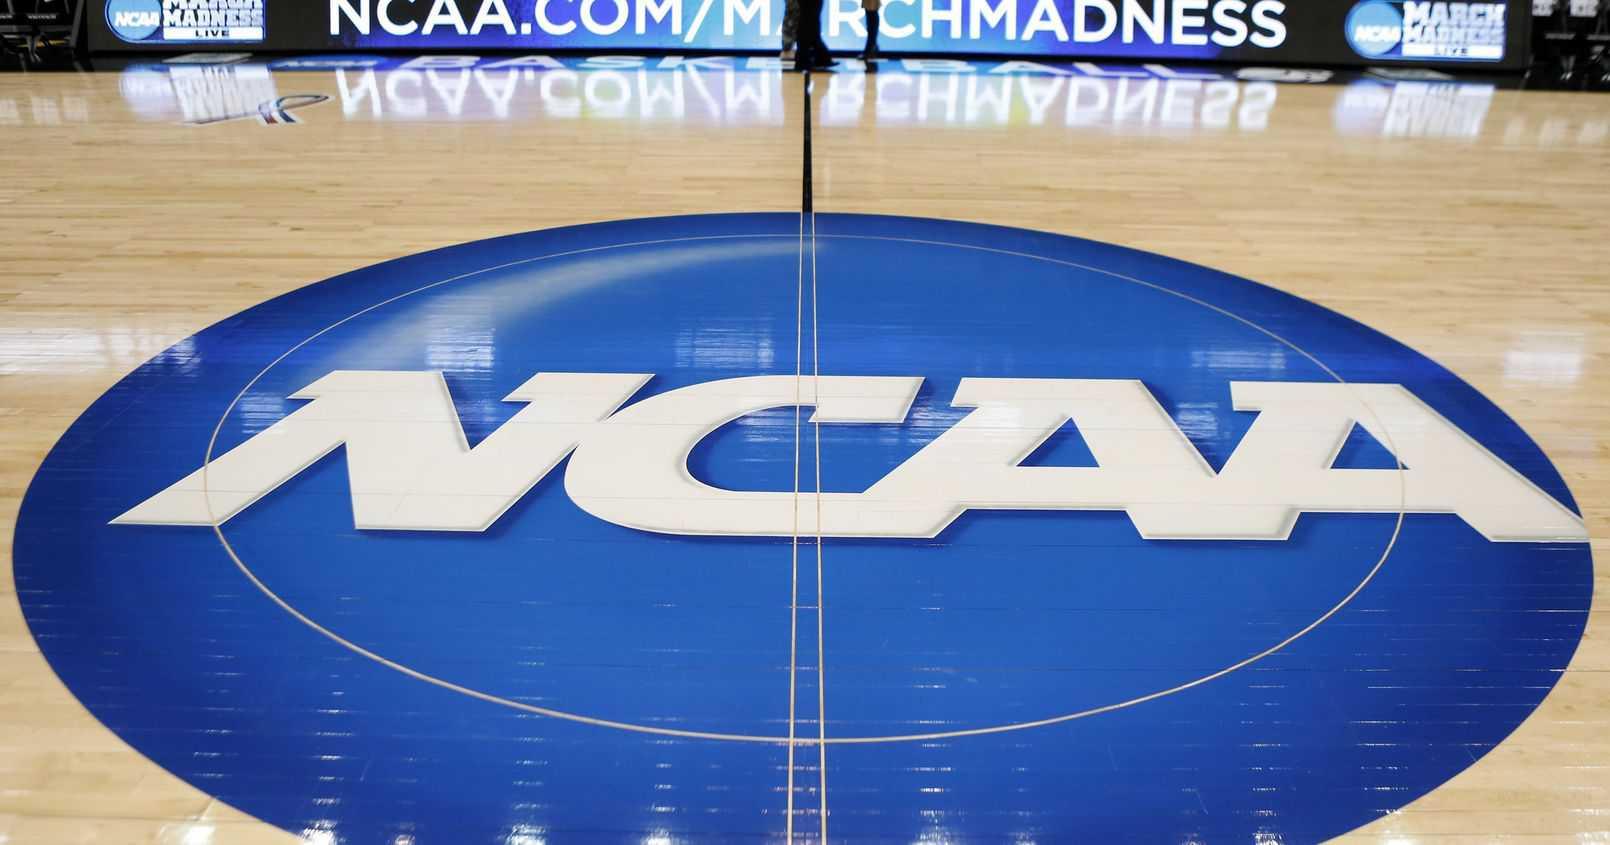 La NCAA la joue solo, conflit en vue avec la NBA et USA Basketball